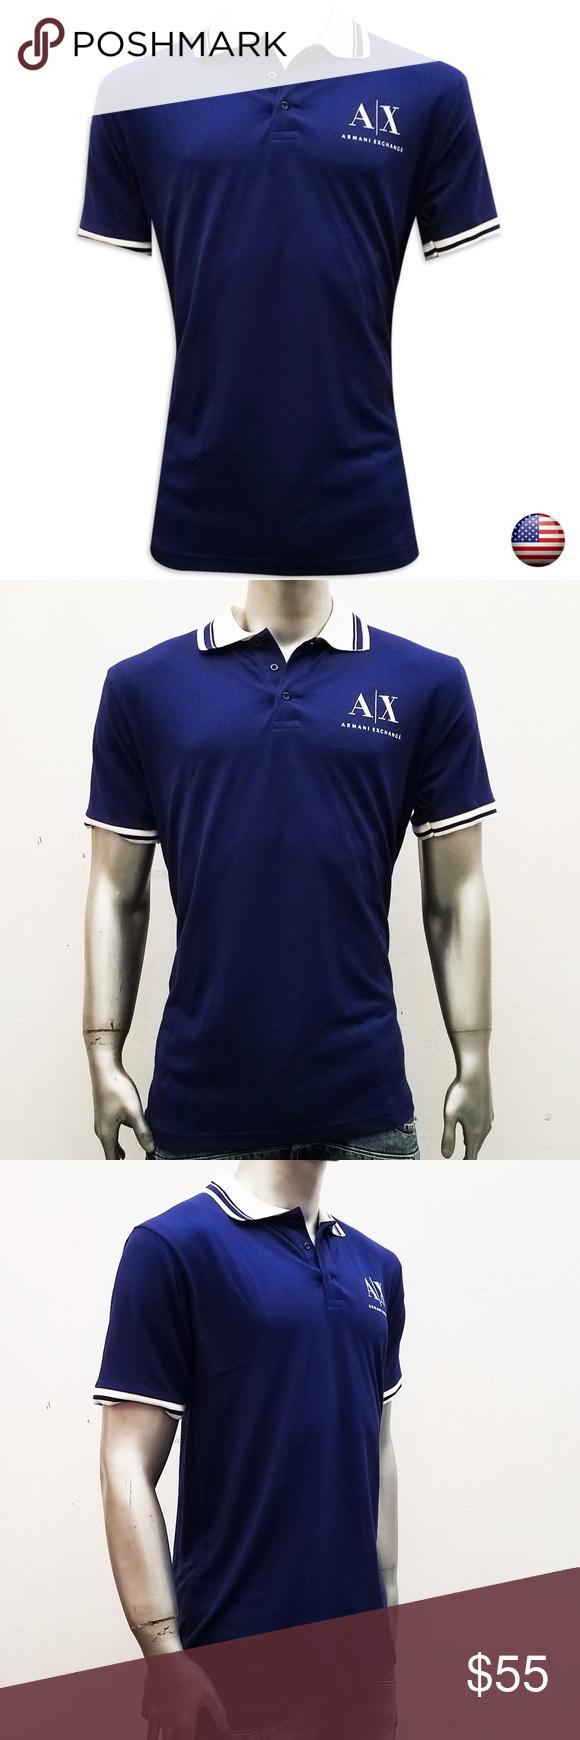 a124f1bc2a Armani Exchange Polo Shirt Size Chart - Armani exchange polo shirt ...